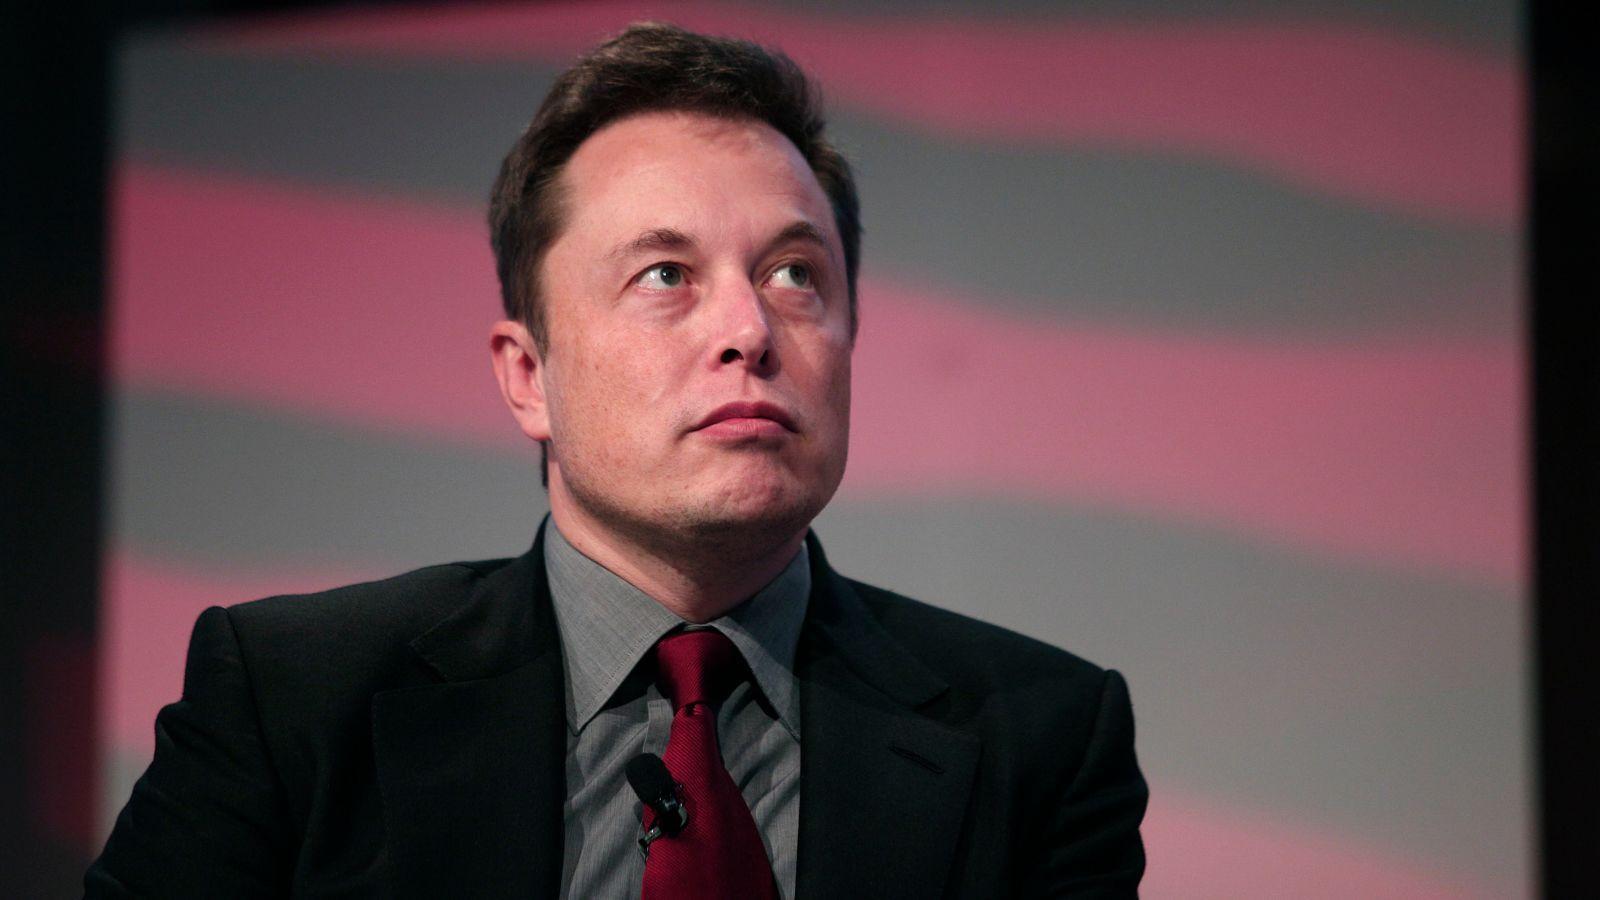 Elon muskbacked ai company claims it made a text